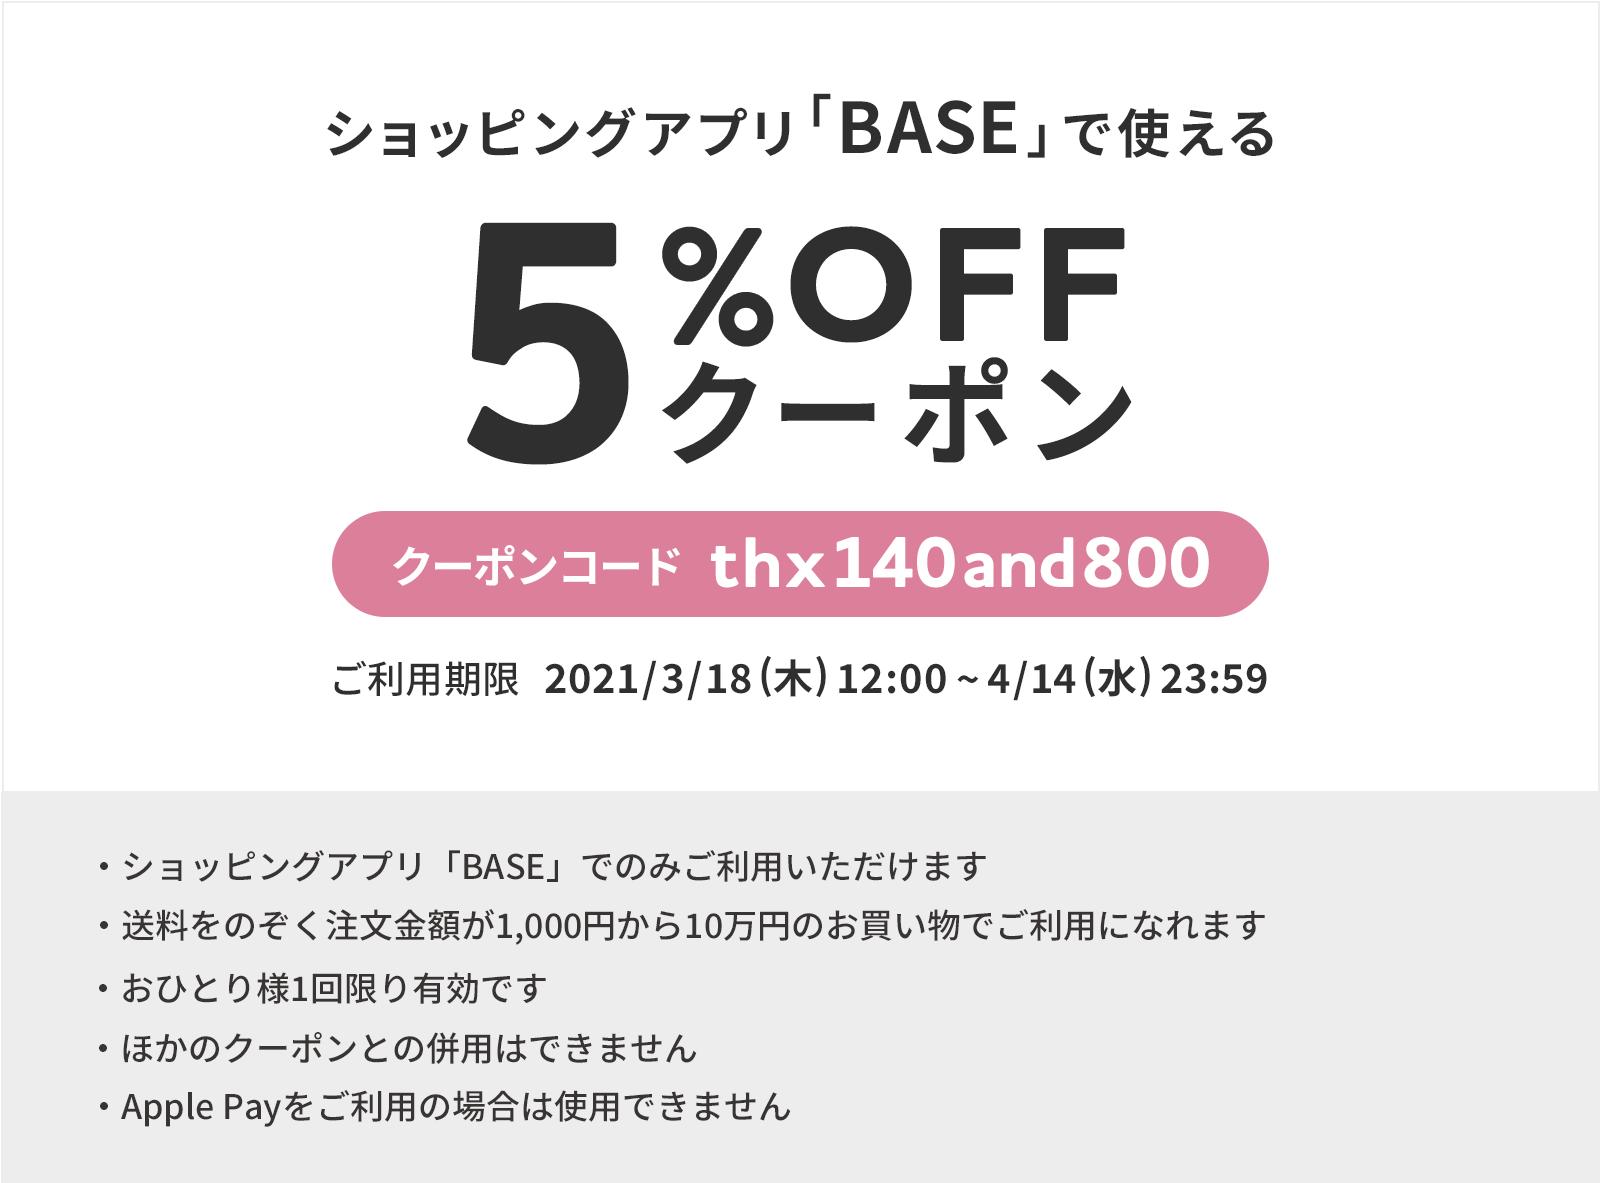 ショッピングクーポン配布中!